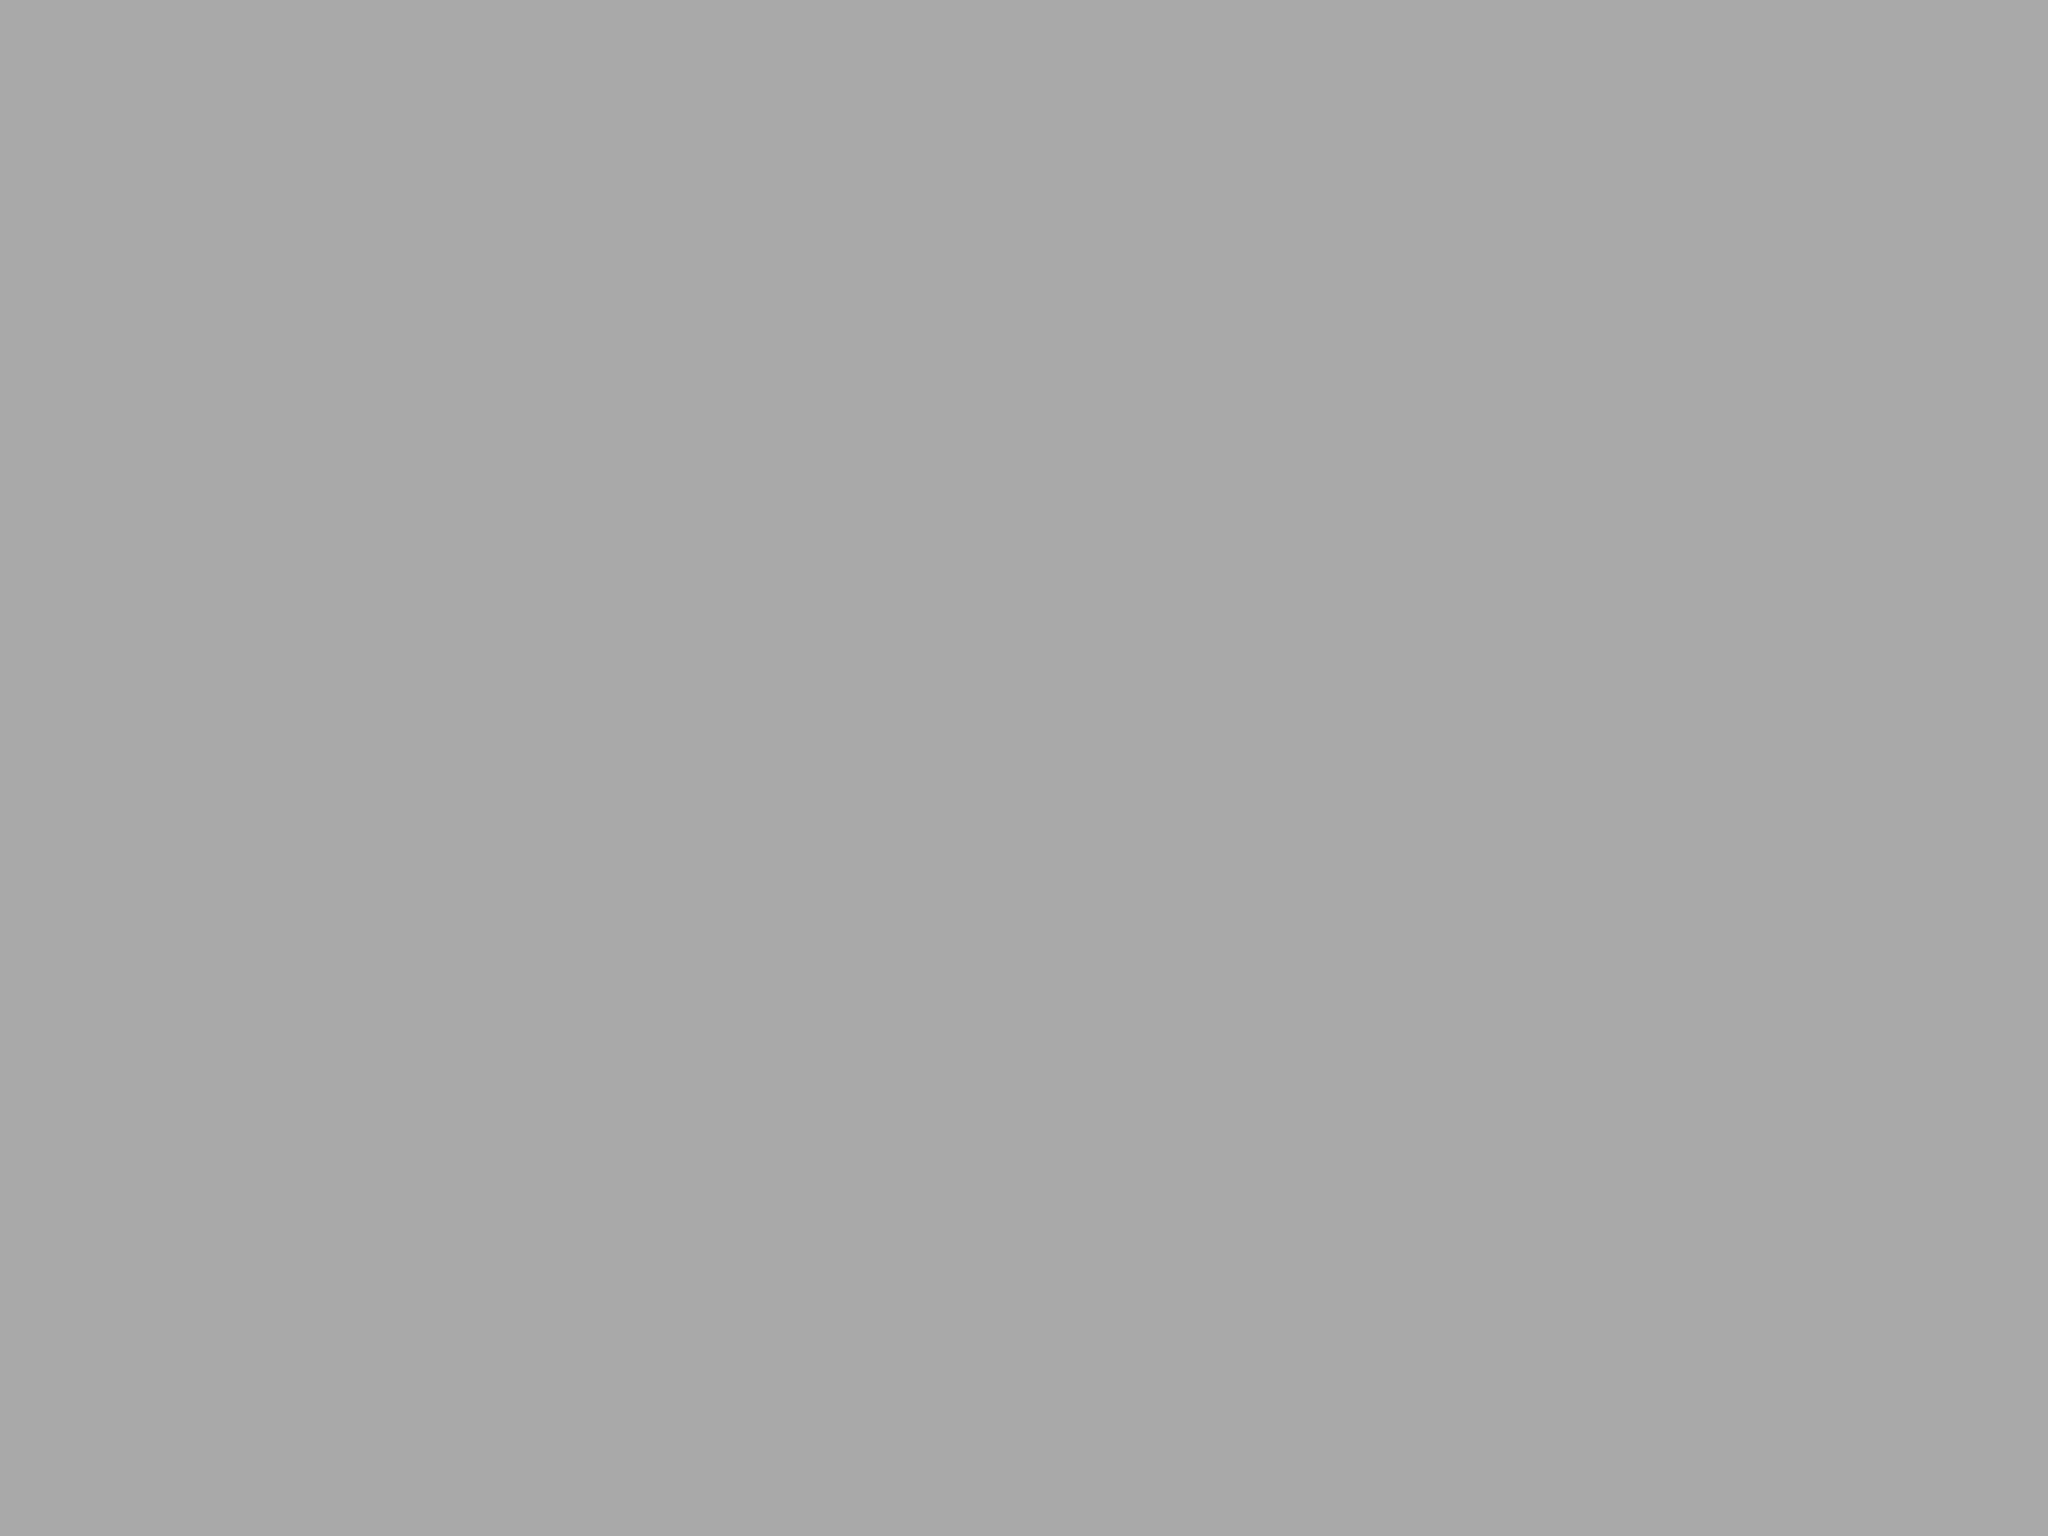 2048x1536 dark gray solid color background. Black Bedroom Furniture Sets. Home Design Ideas